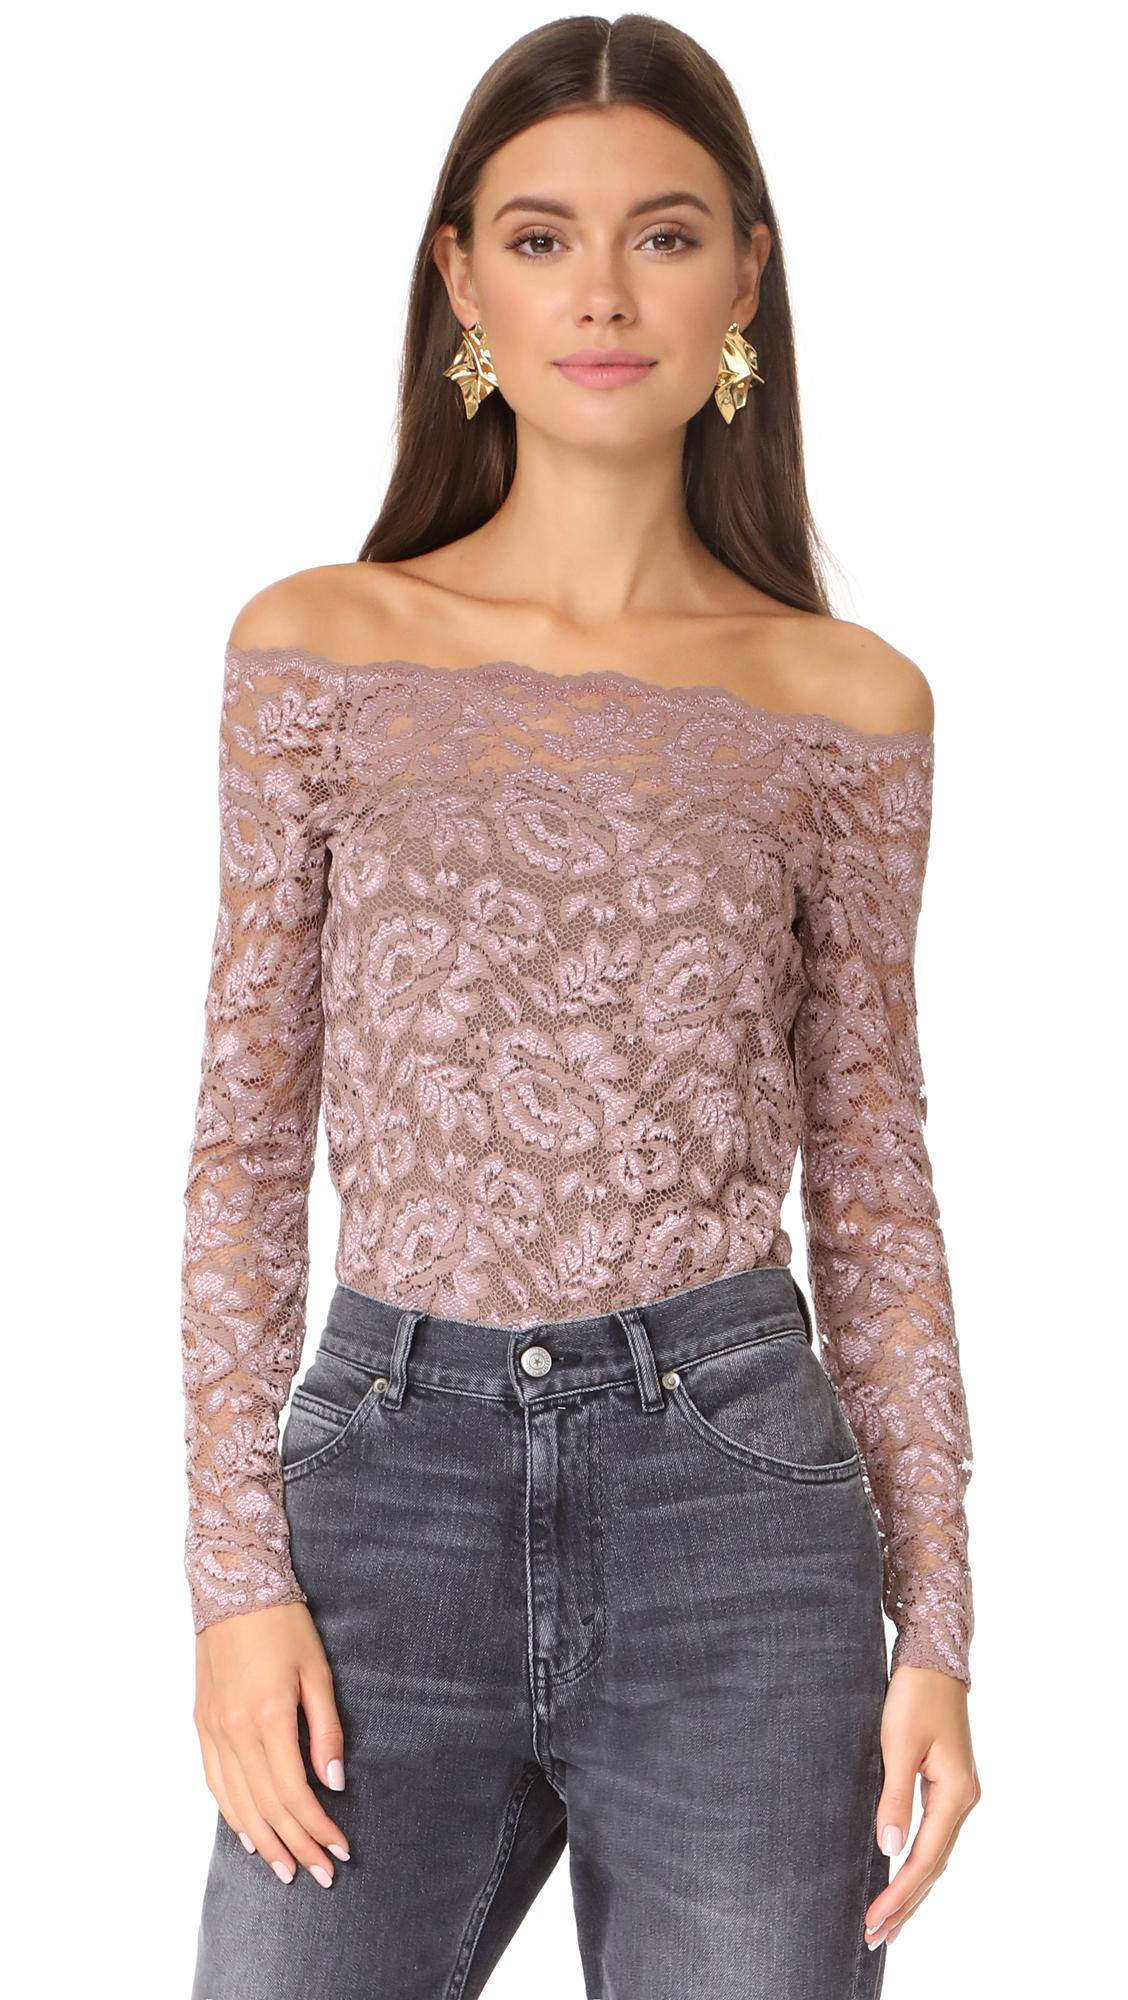 LAGENCE Heidi Off Shoulder Lace Top - Mauve Rose